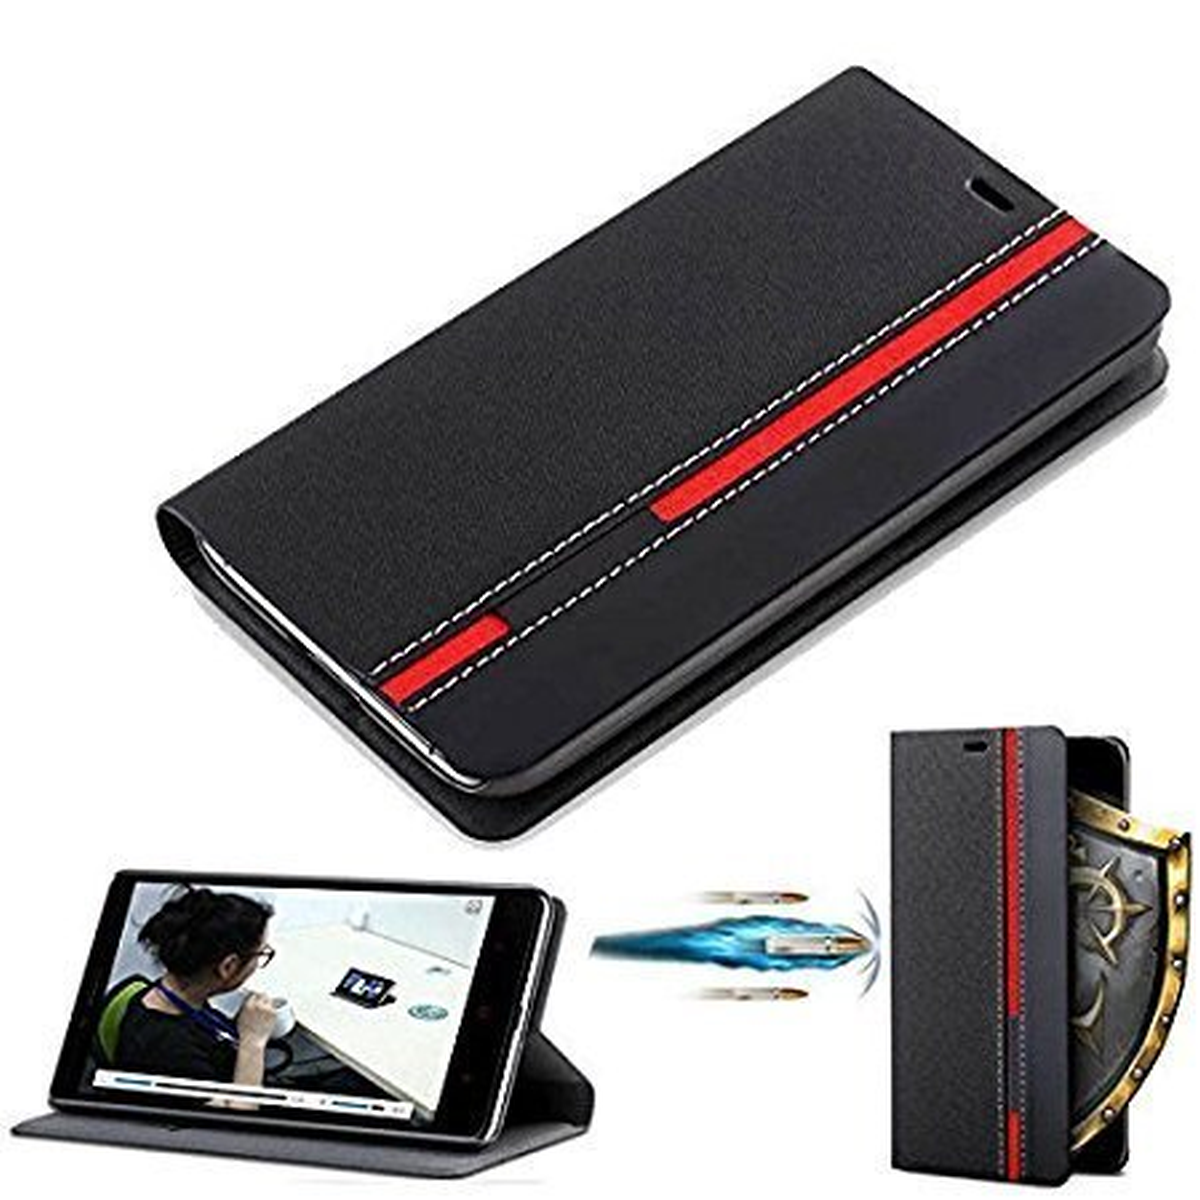 Samsung-Galaxy-A9-leather-case